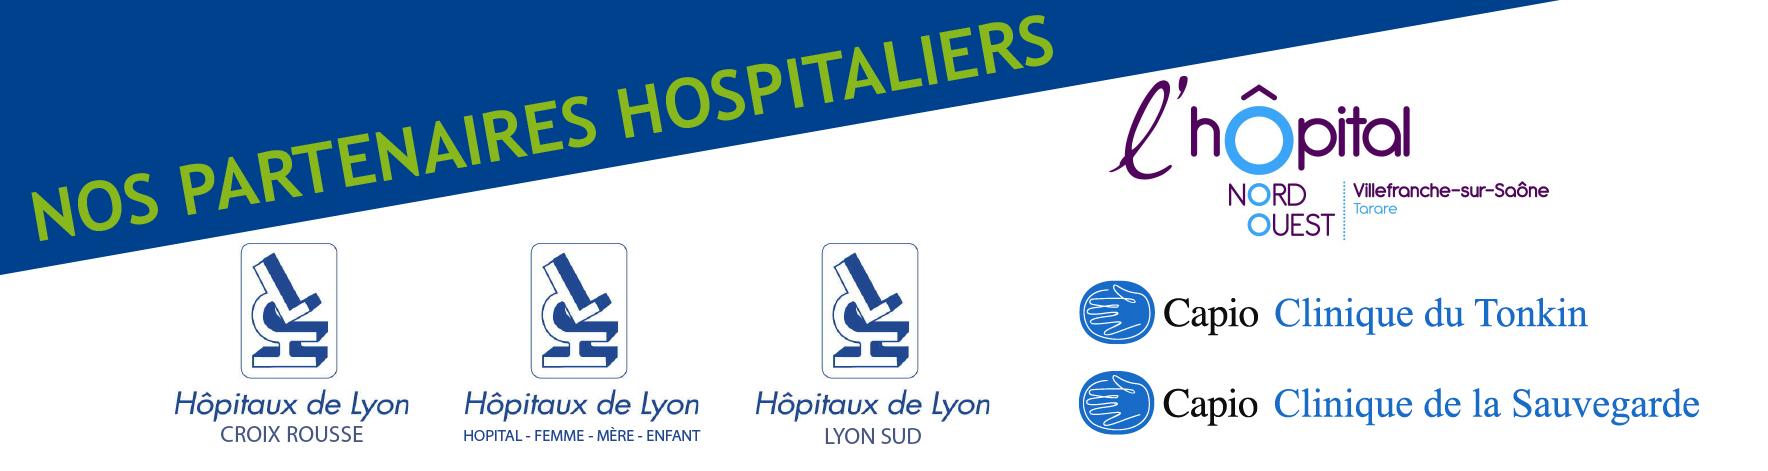 bandeau-partenaires-hospitaliers-2016-10